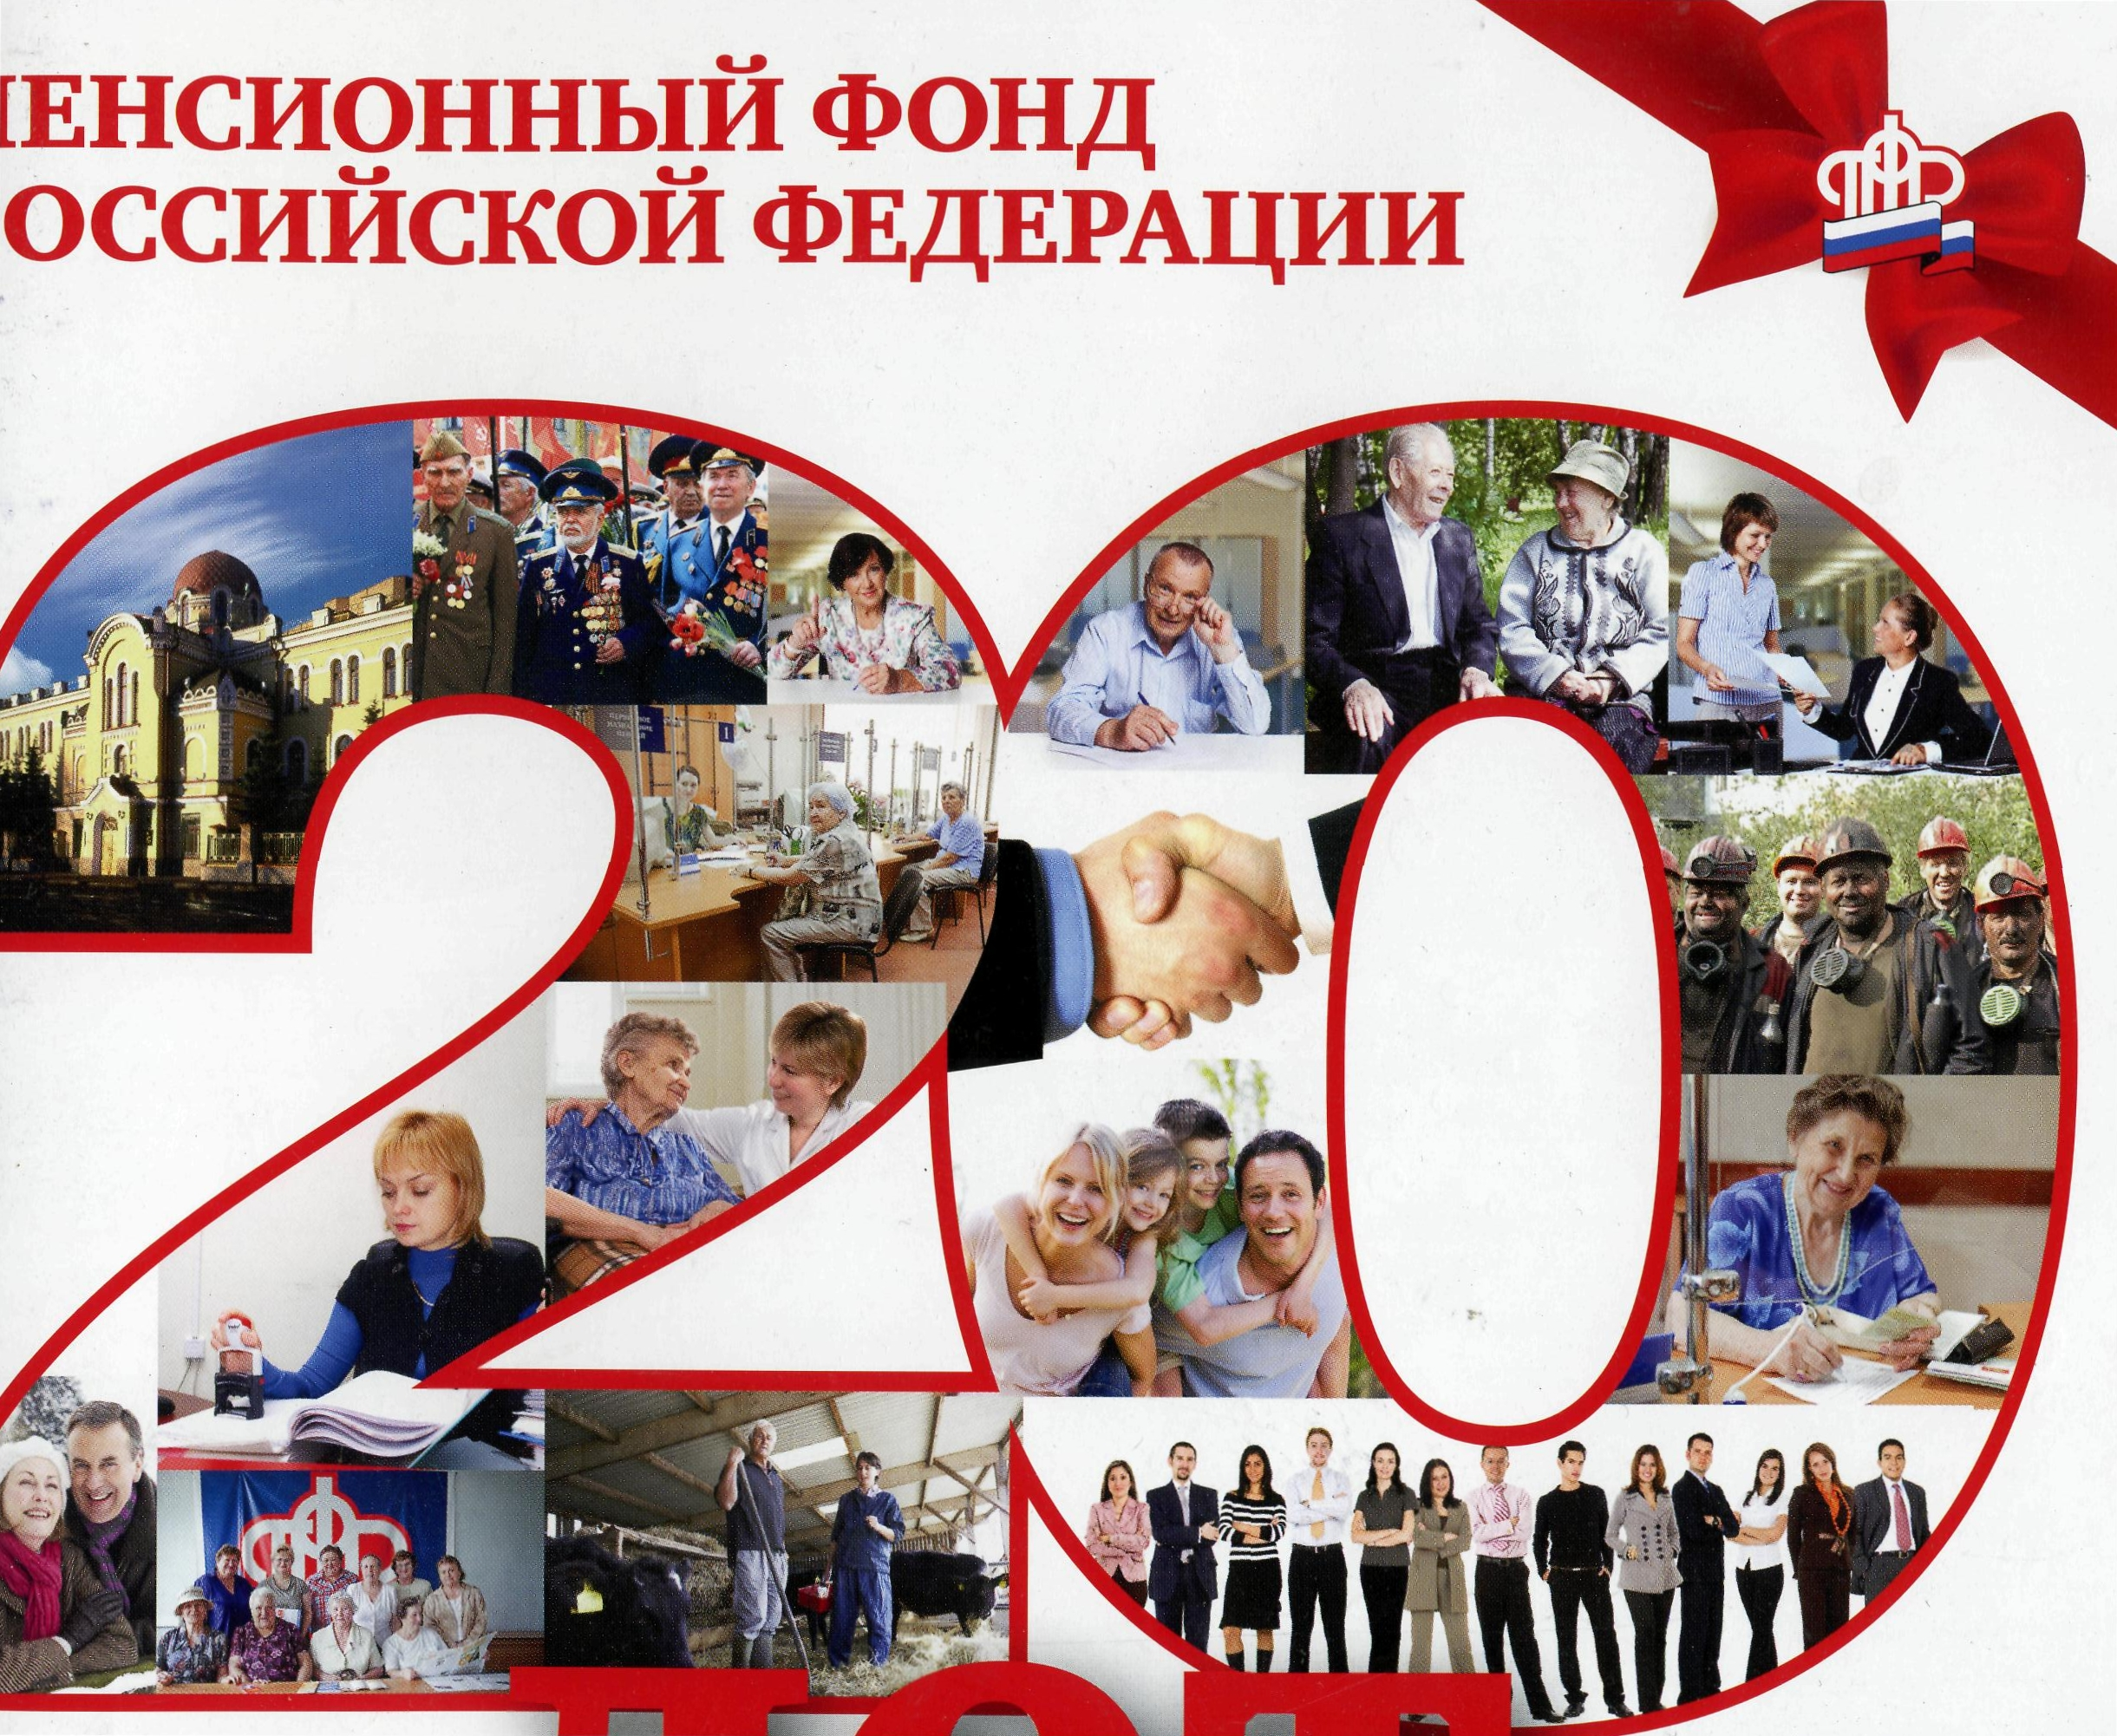 Сценарий пенсионный фонд россии